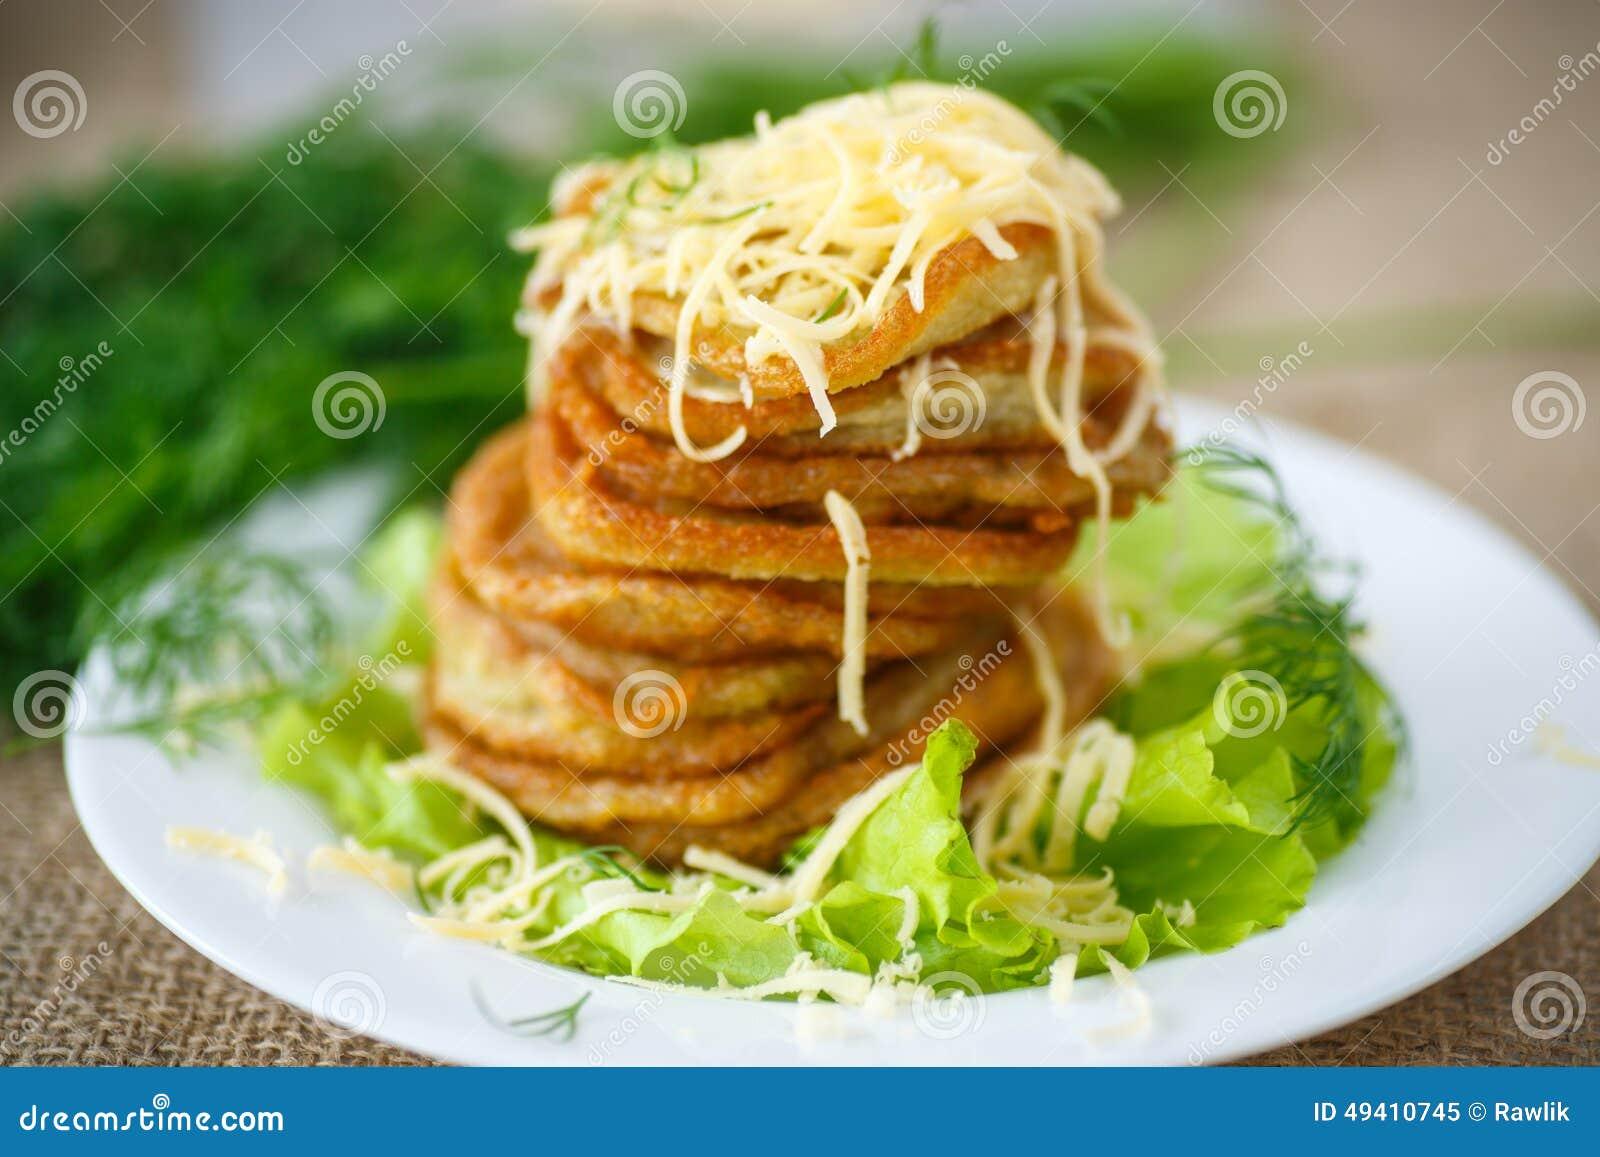 Download Gebratene Kartoffelpfannkuchen Mit Käse Stockbild - Bild von feinschmecker, nahaufnahme: 49410745